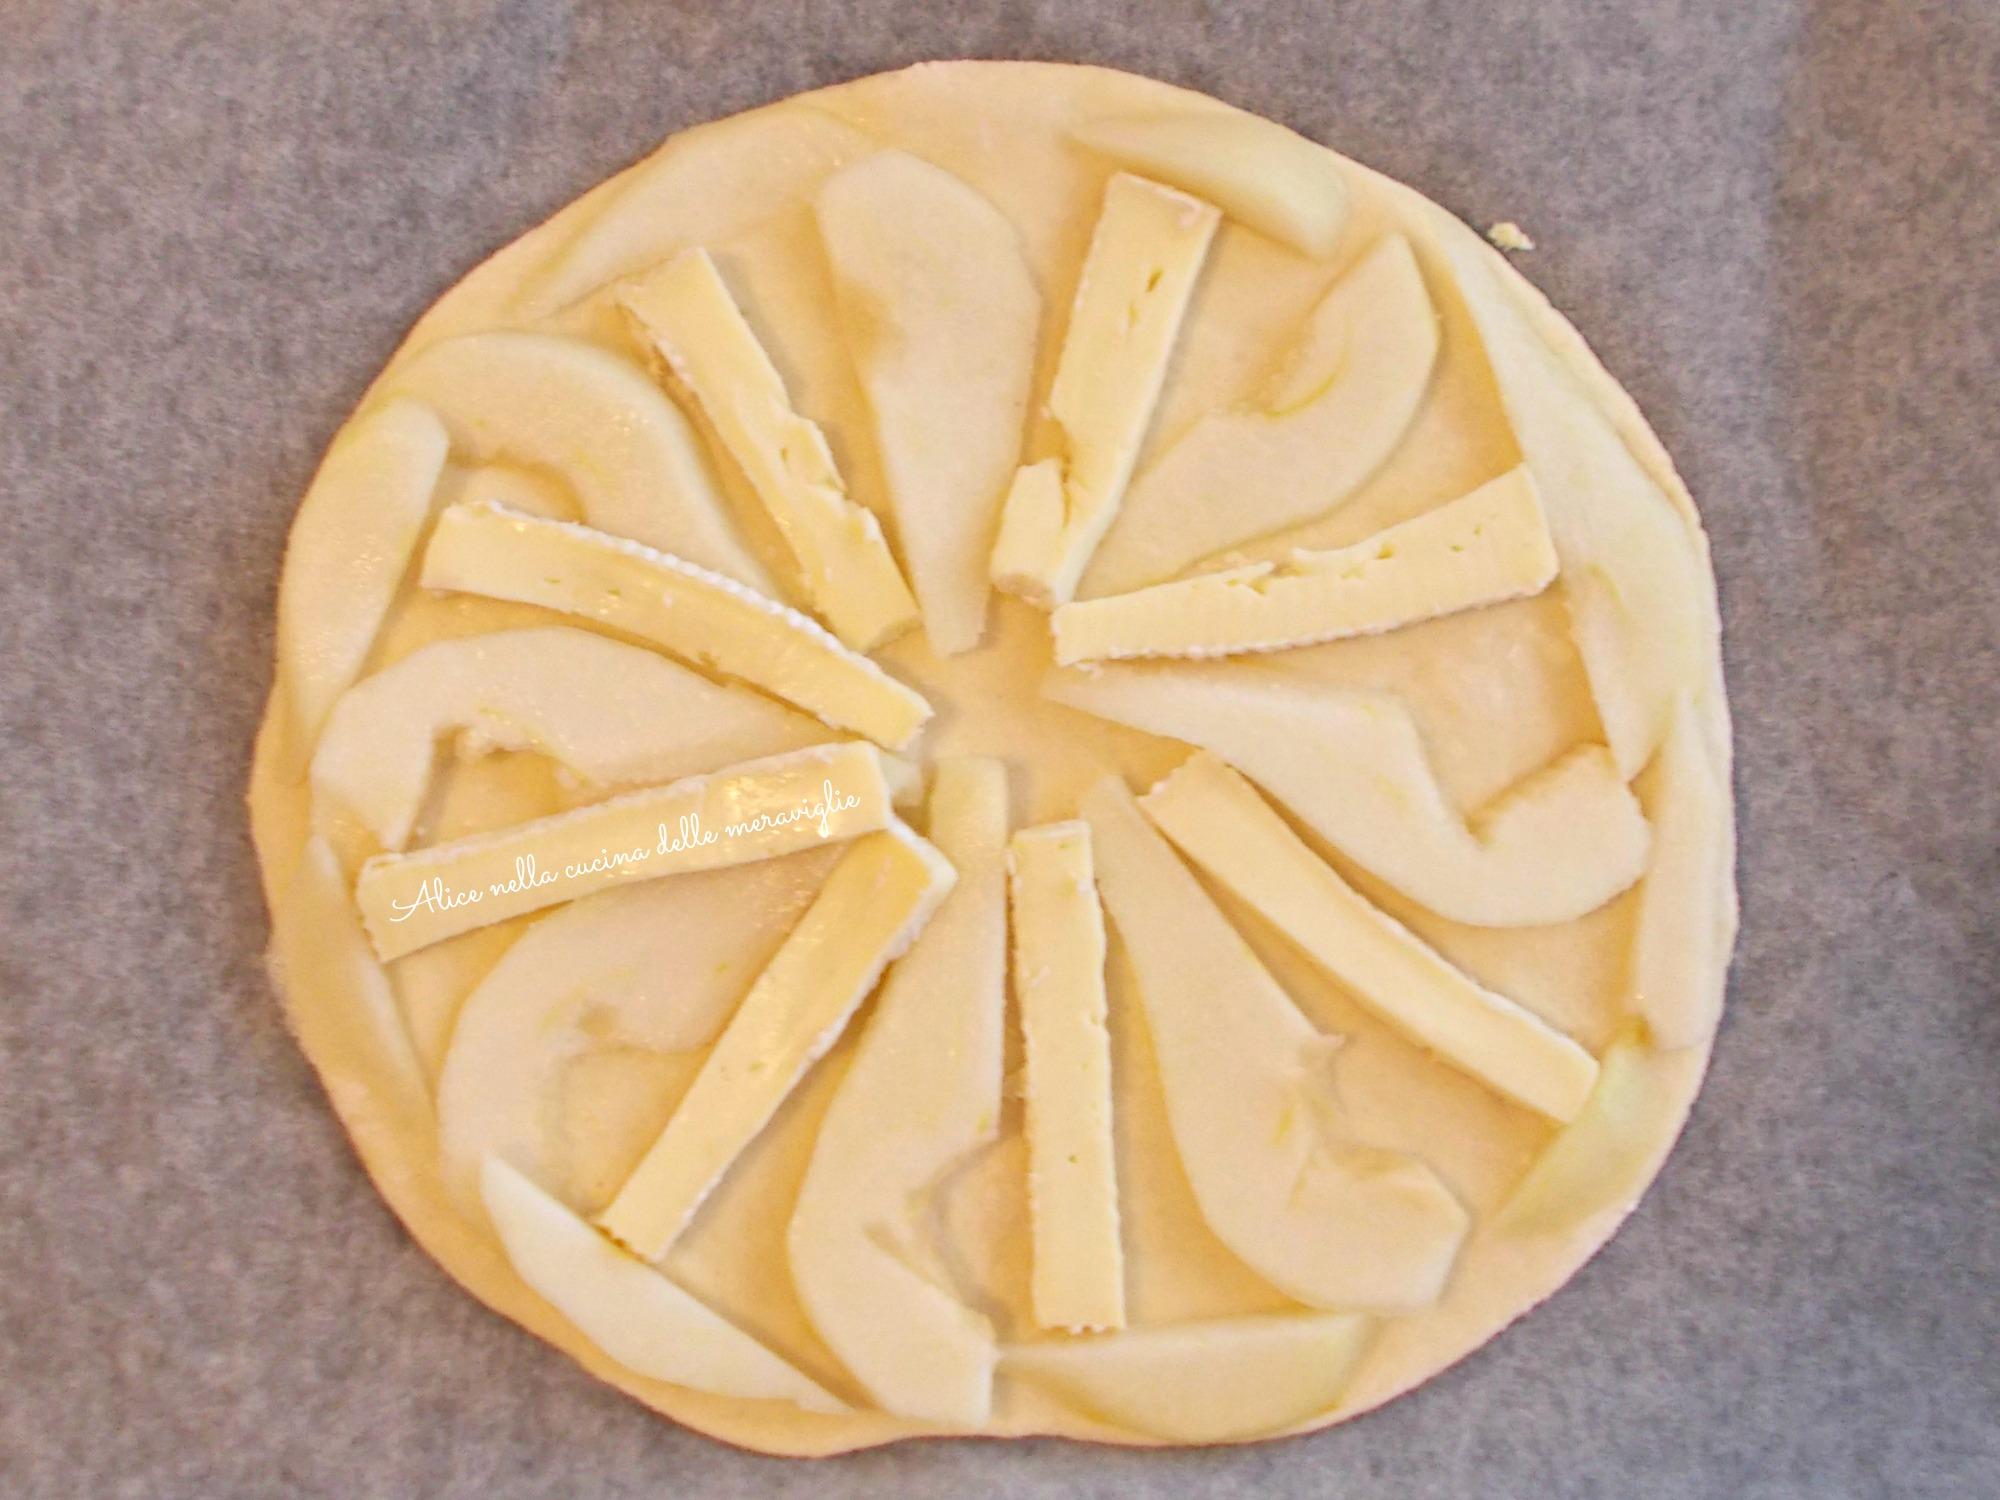 Pizza bianca pere e brie Ricetta lievitato salato Alice nella cucina delle meraviglie